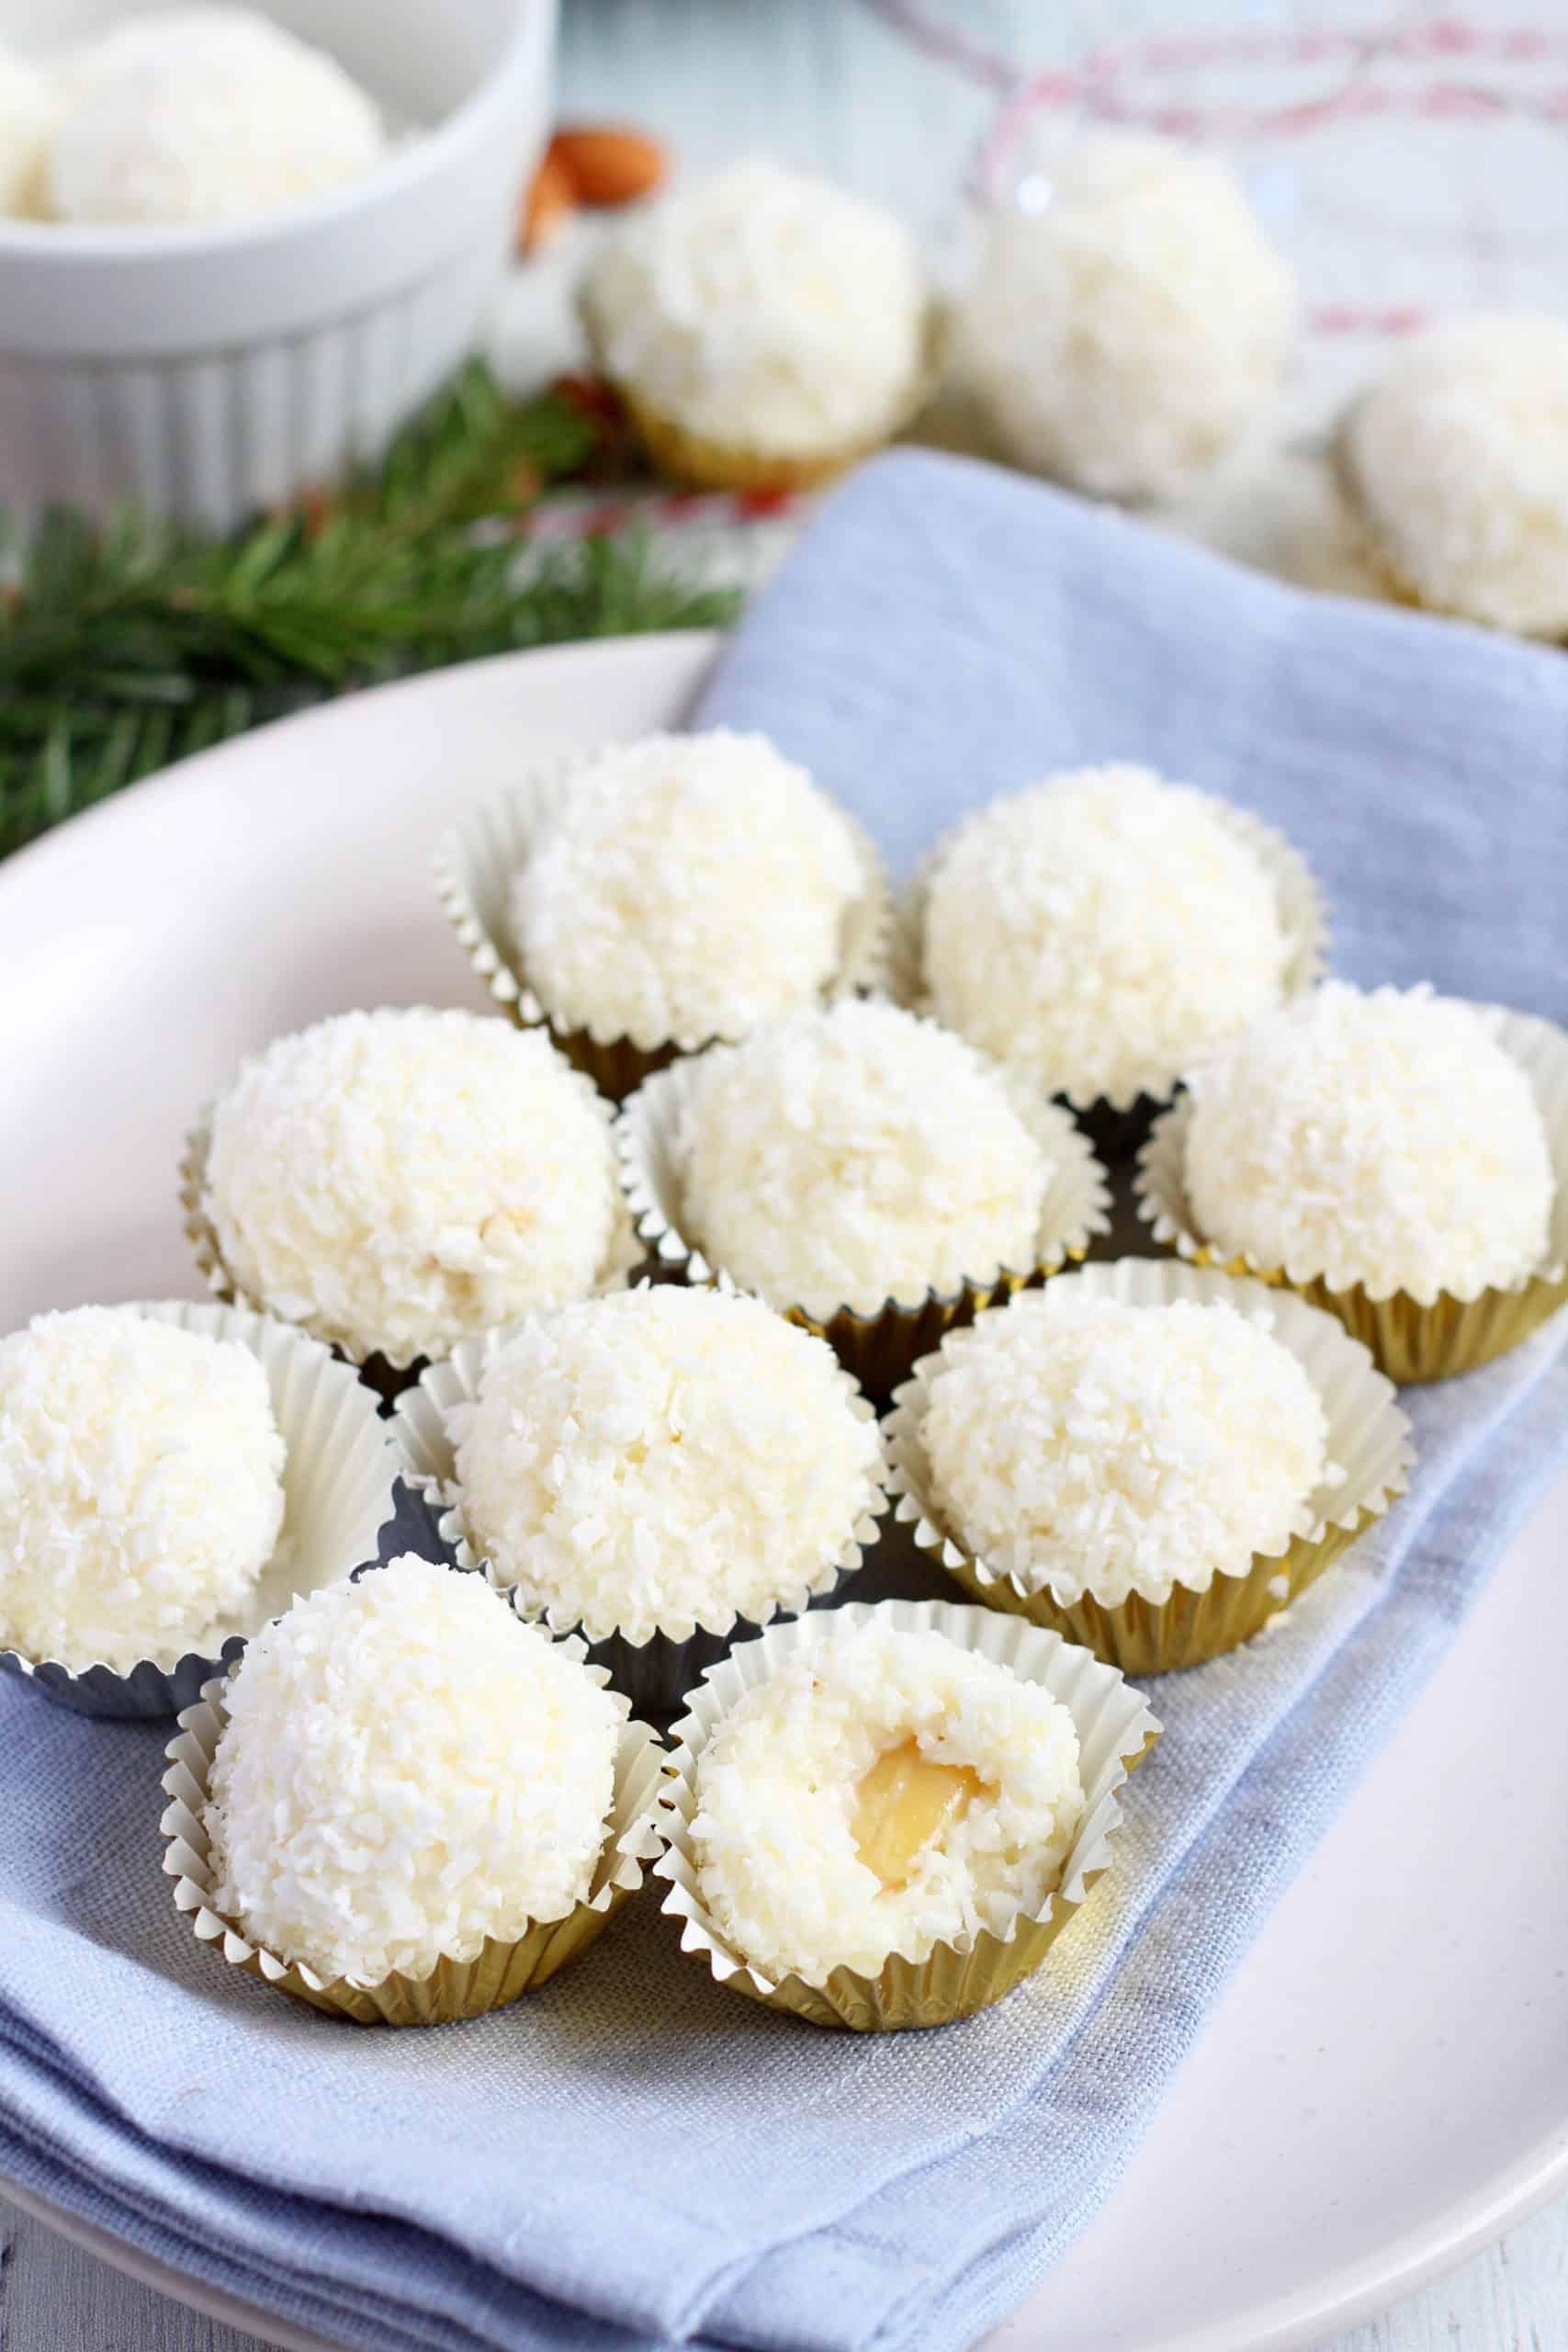 Raffaello coconut balls